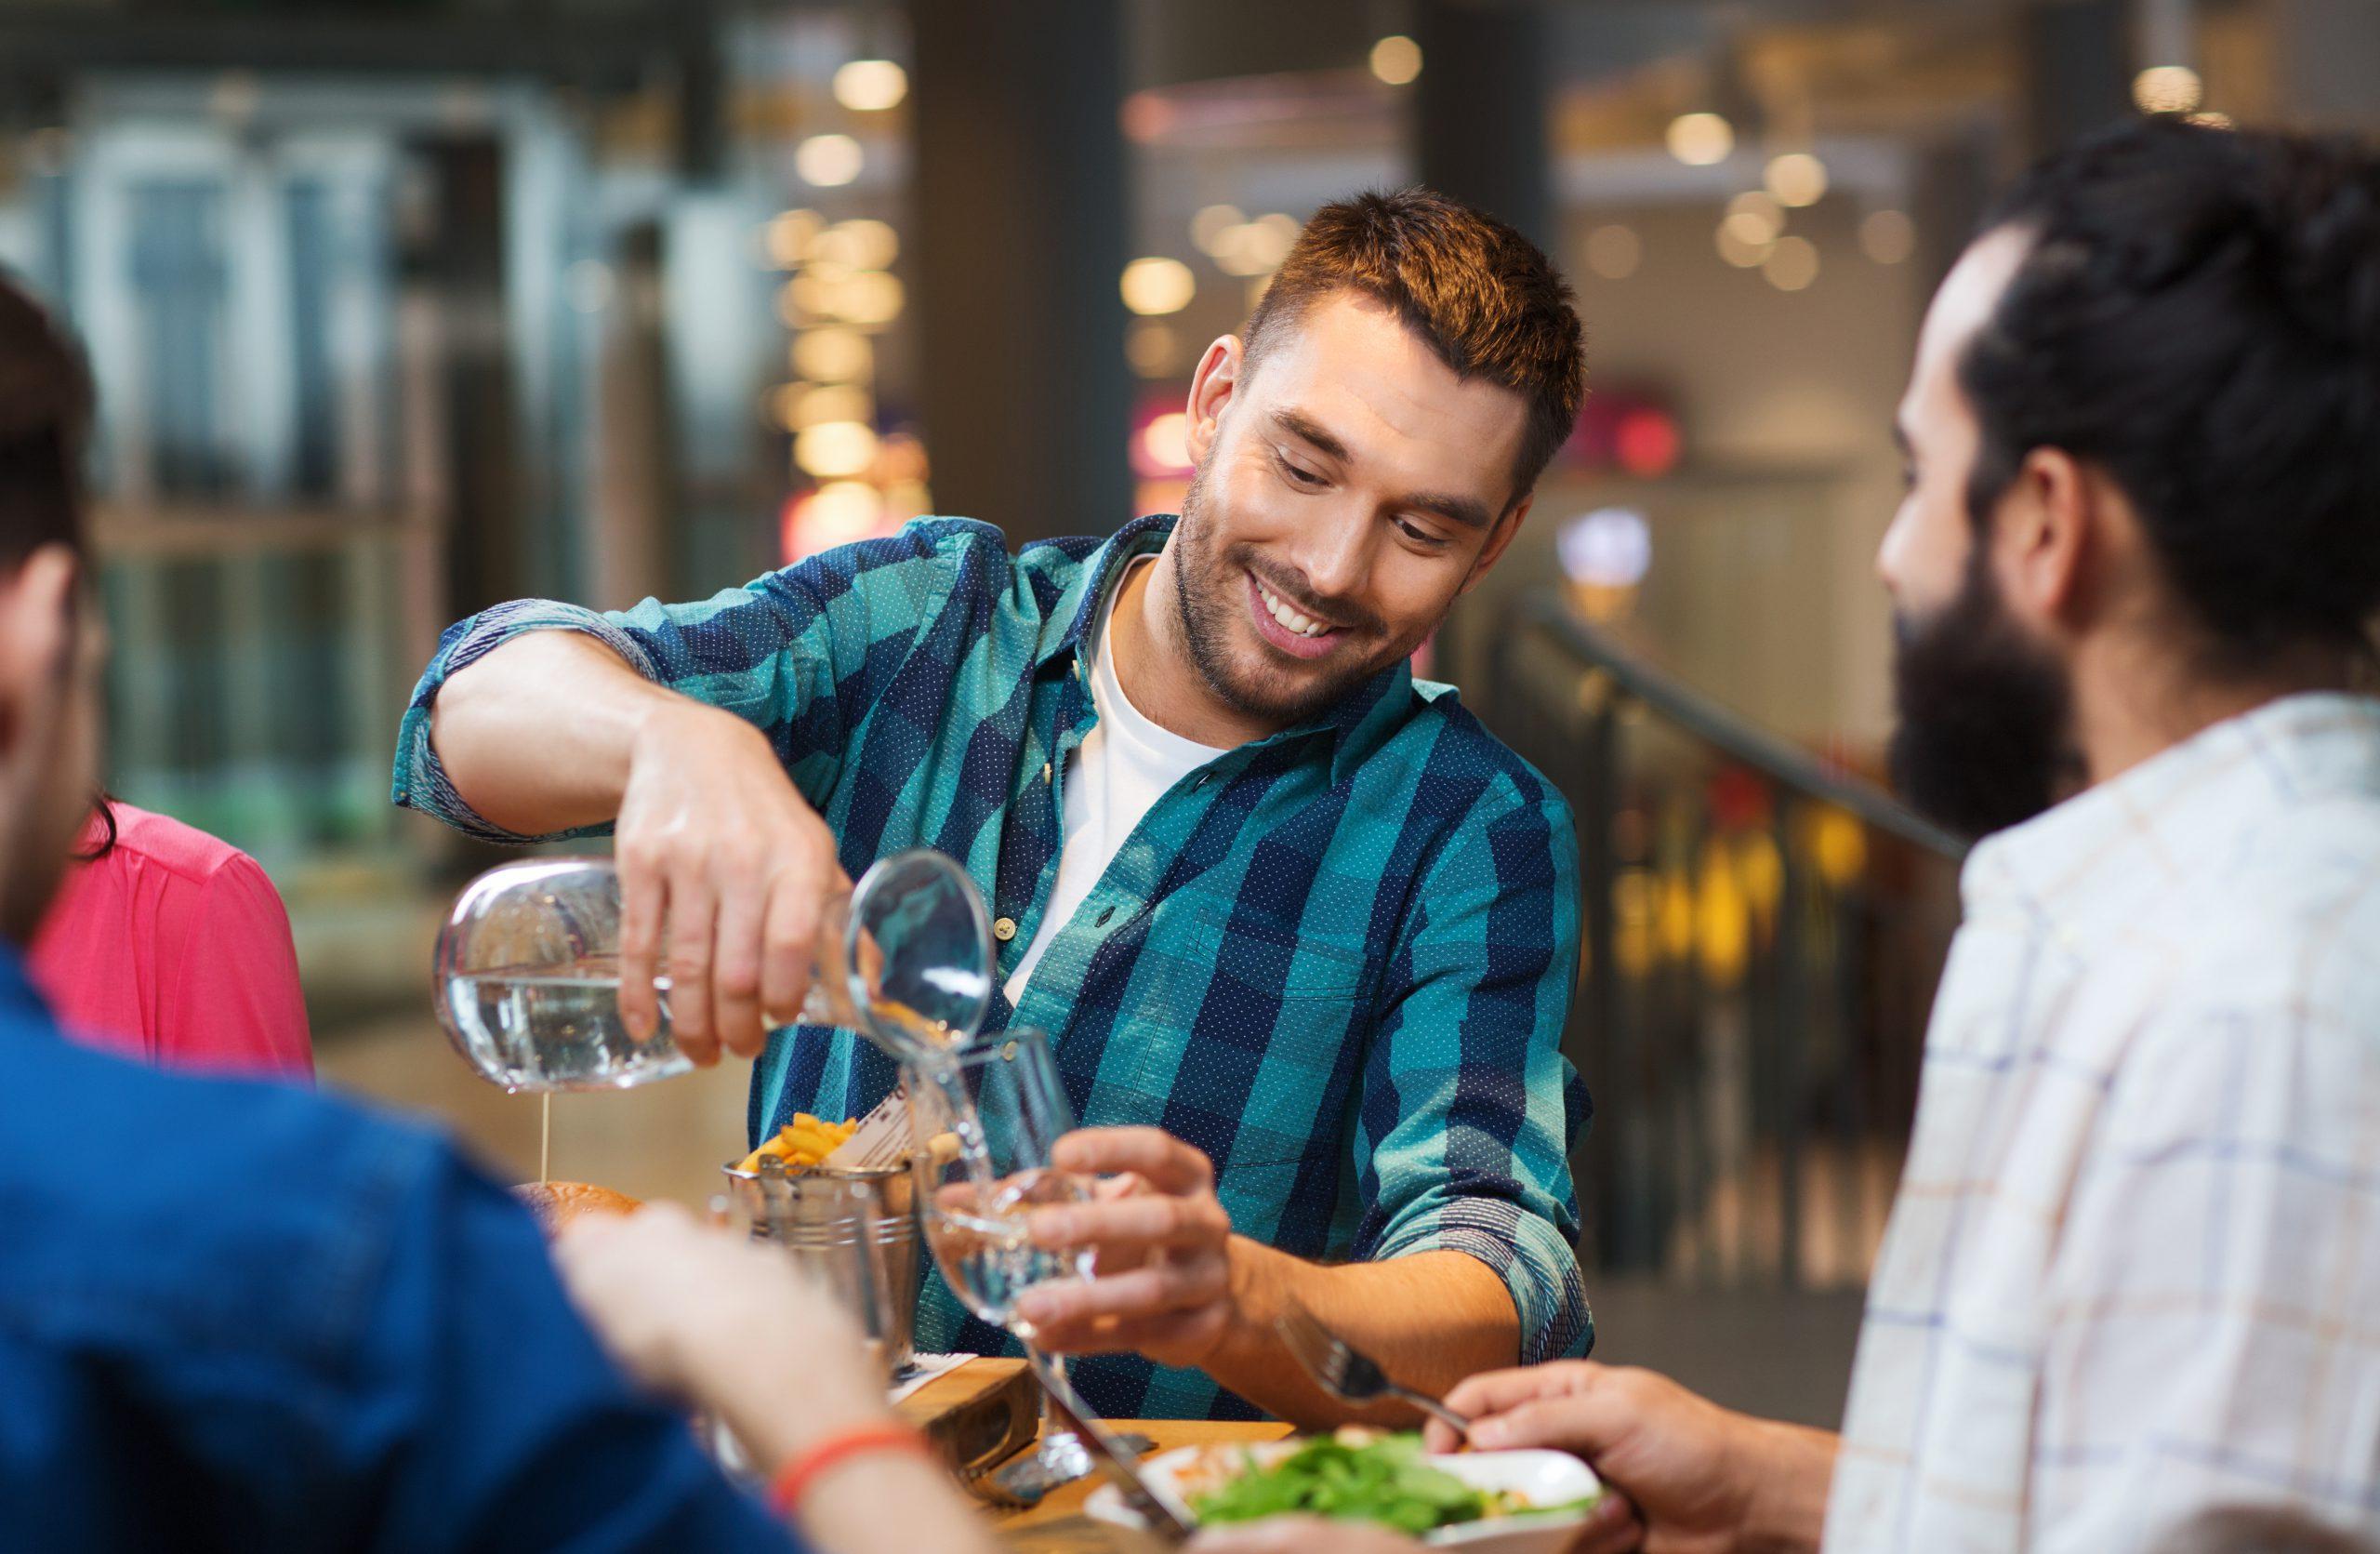 ワインを楽しむ合間に飲む、チェイサーの役割